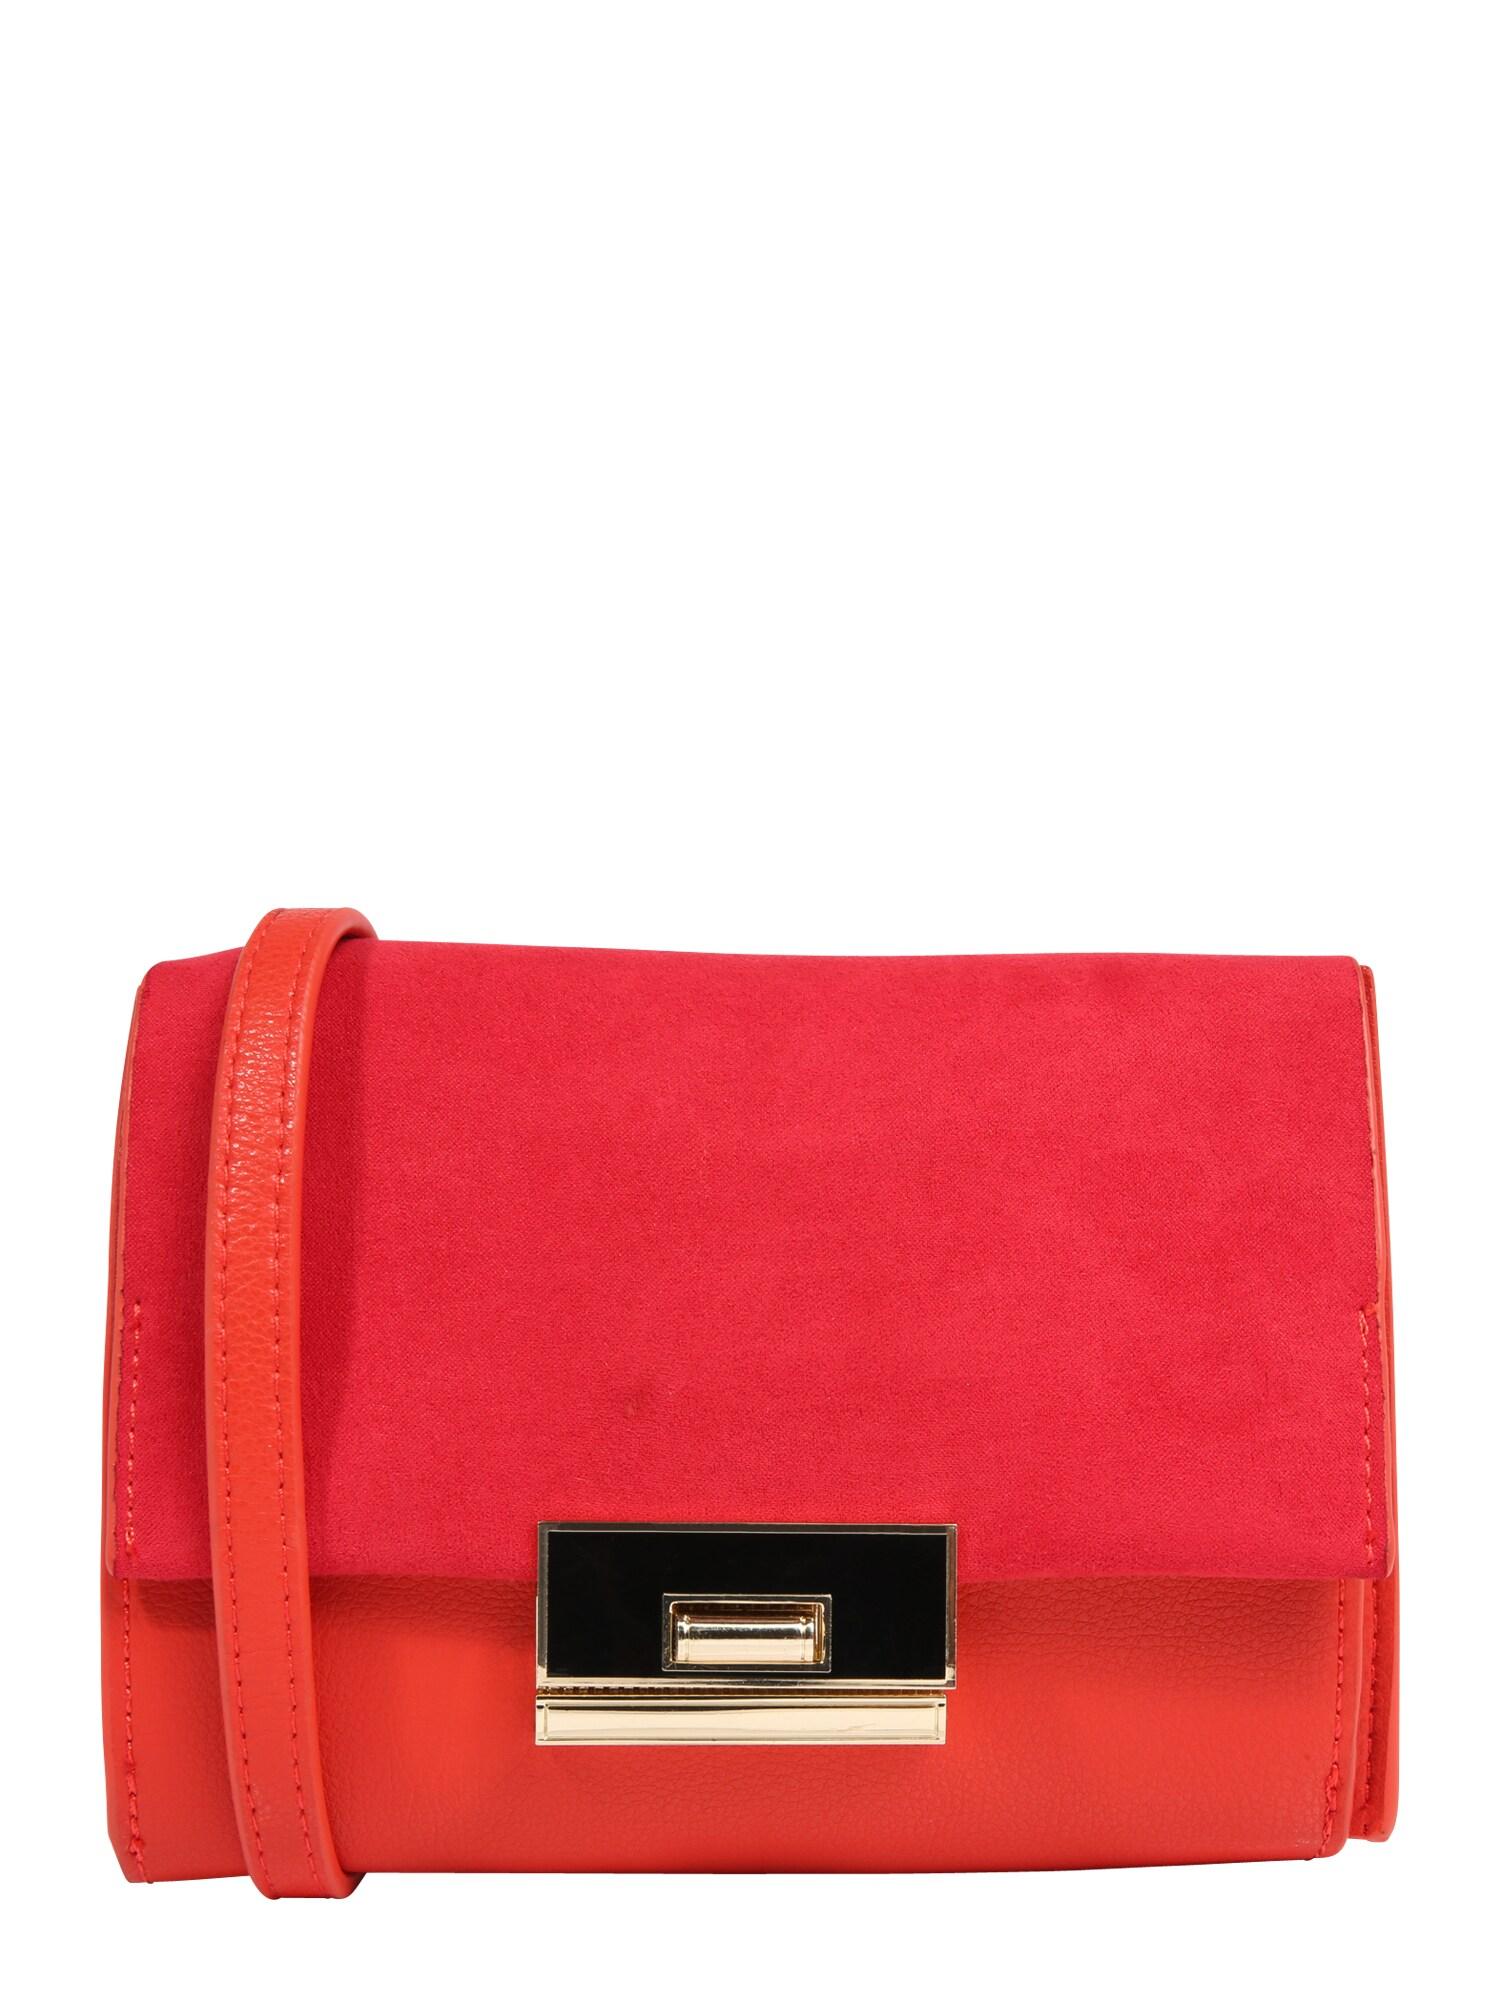 Umhängetasche 'Stella' | Taschen > Handtaschen | ABOUT YOU